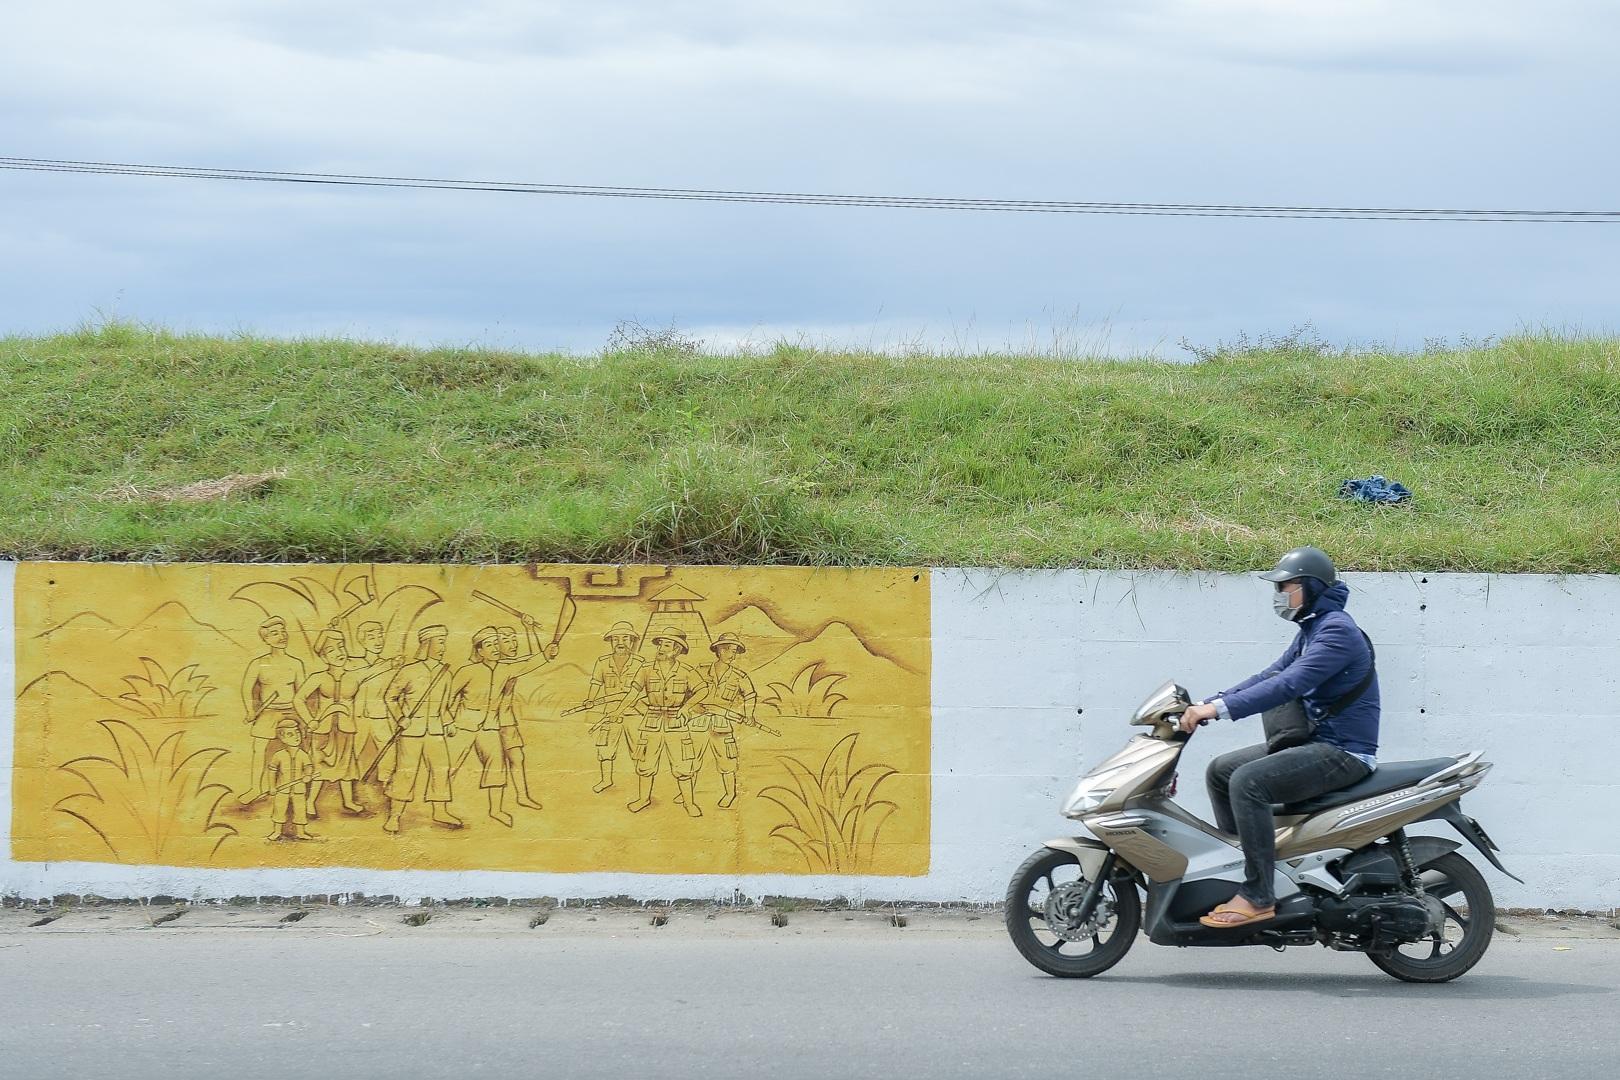 Con đường bích họa dài hơn 2 km ở ngoại thành Hà Nội - 4